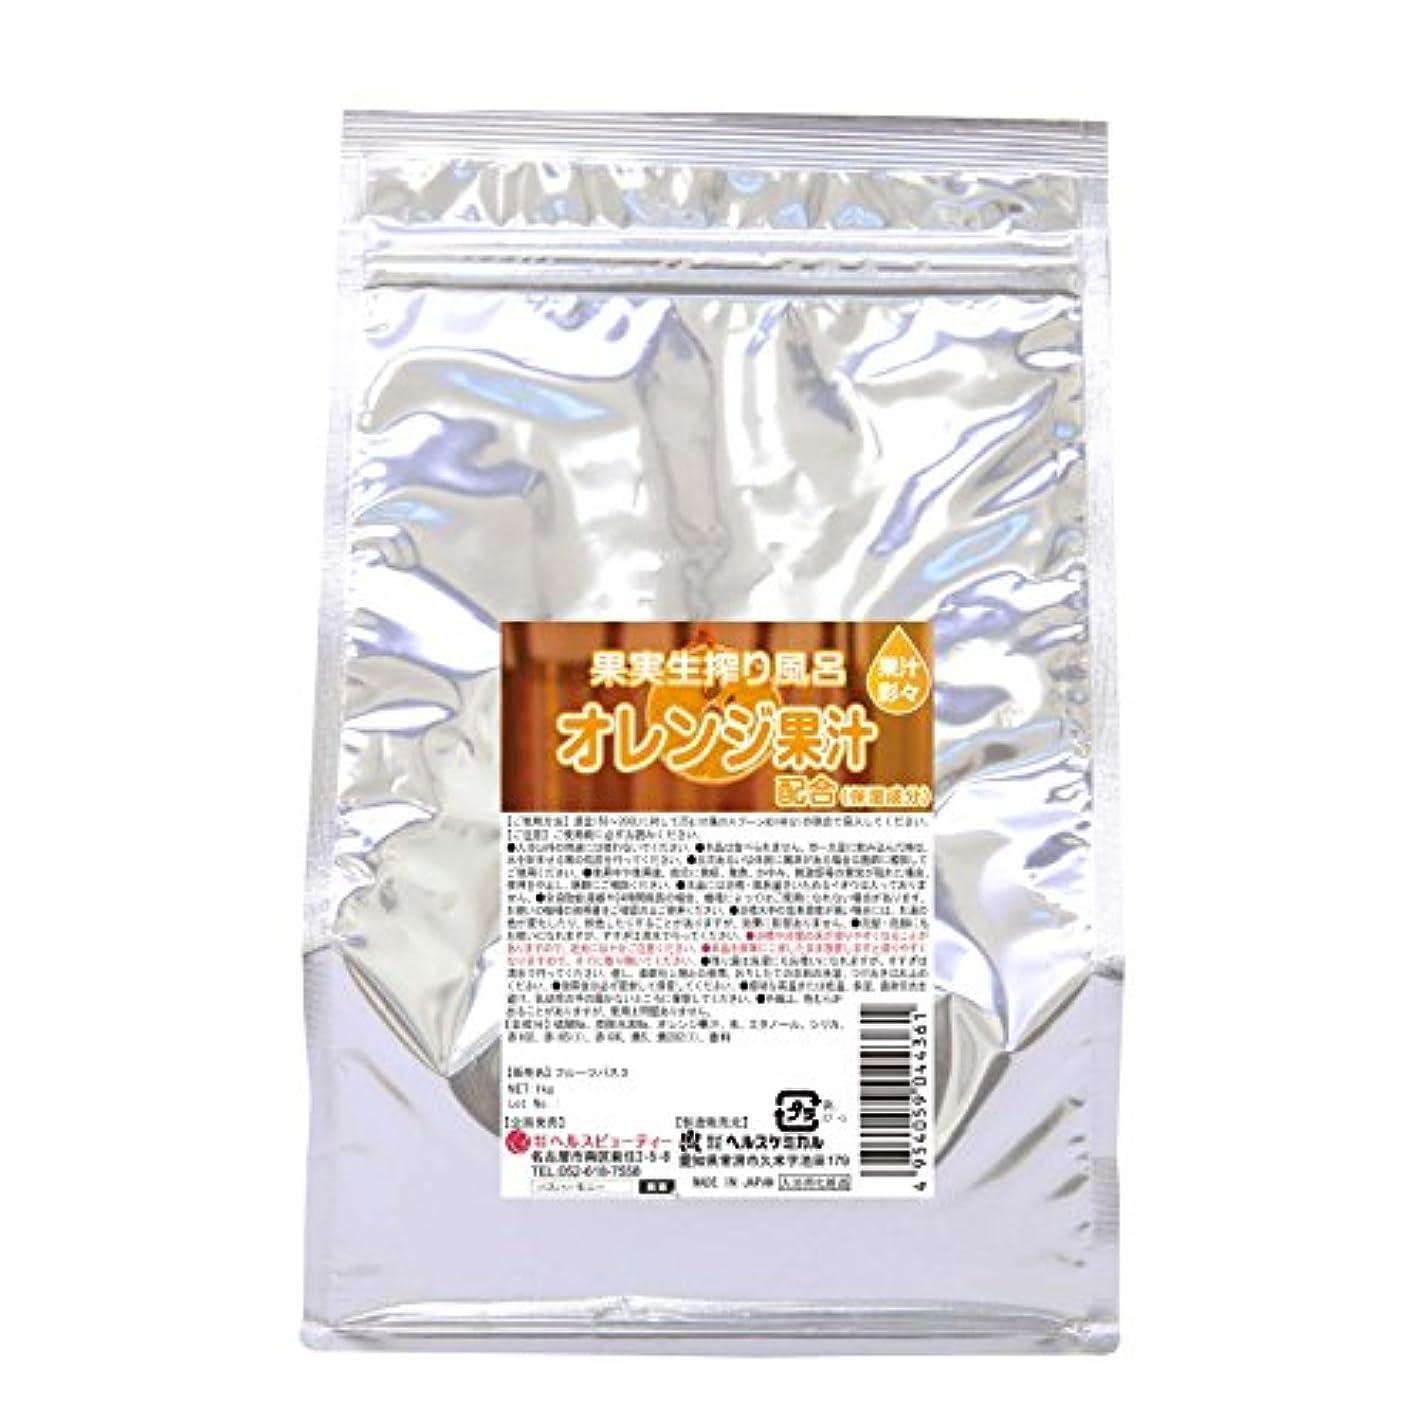 乞食セージ危険にさらされている入浴剤 湯匠仕込 オレンジ果汁配合 1kg 50回分 お徳用